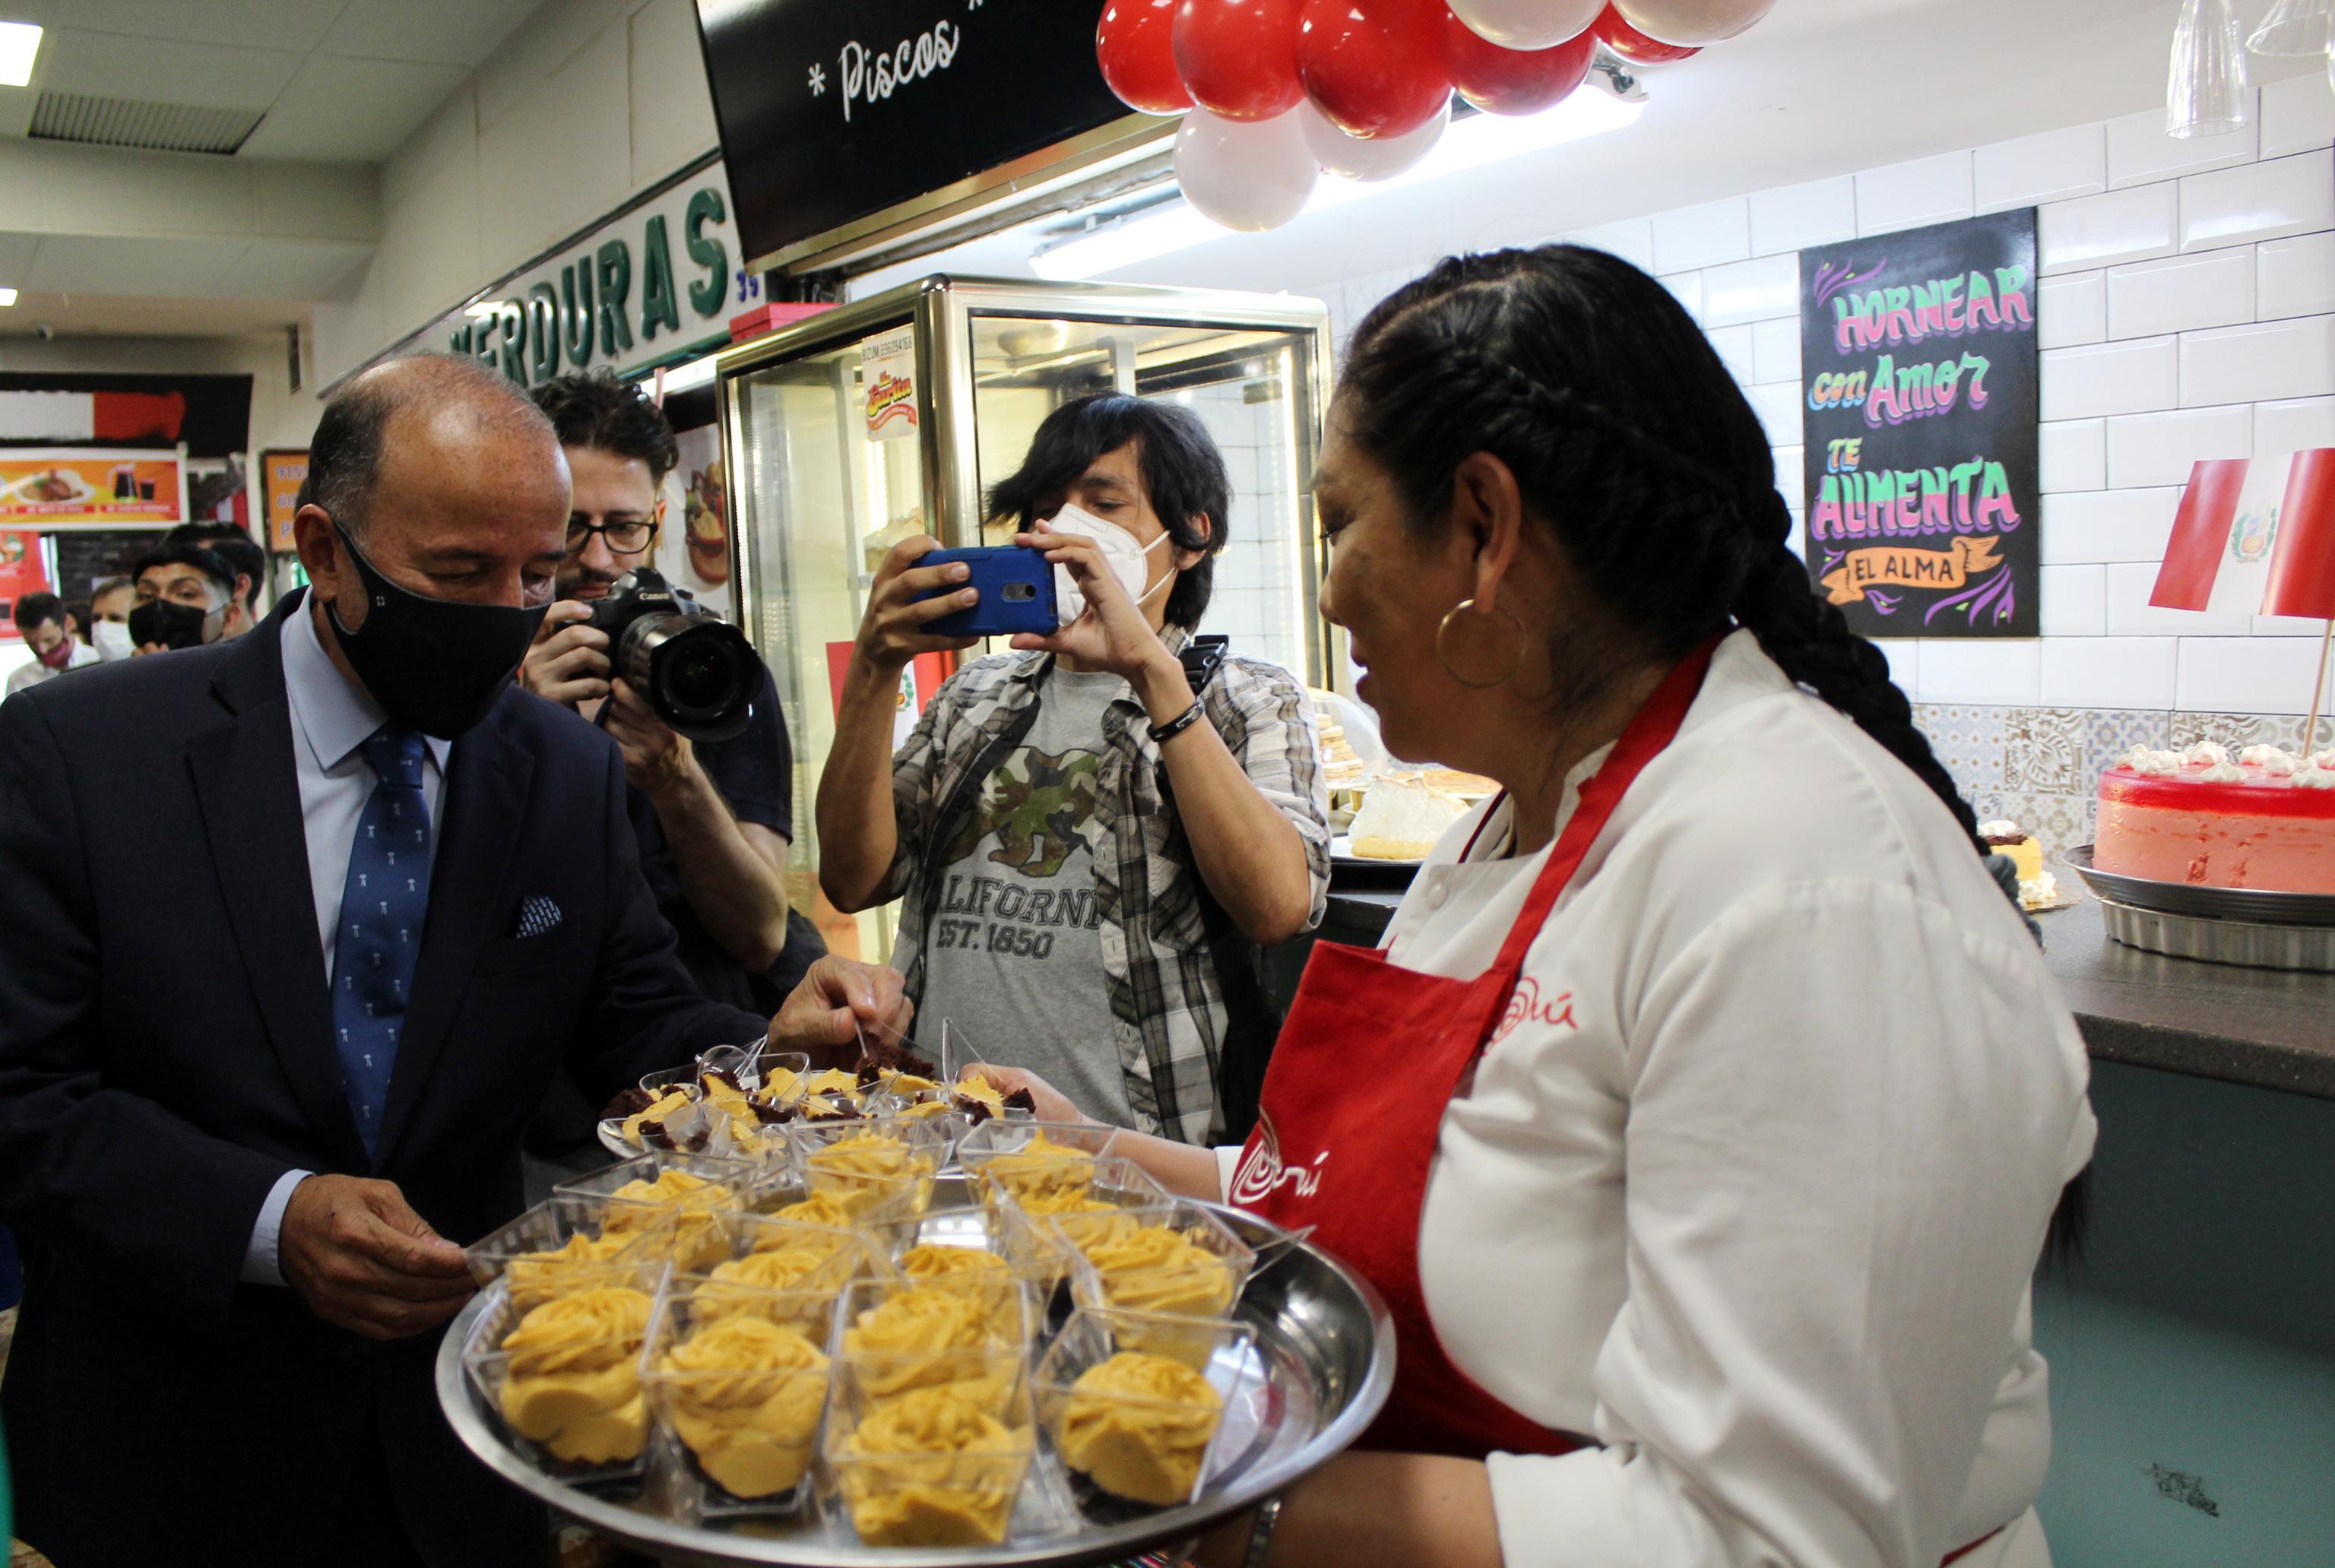 El Mercado de los Mostenses, un oasis para la cocina peruana en pleno centro de Madrid